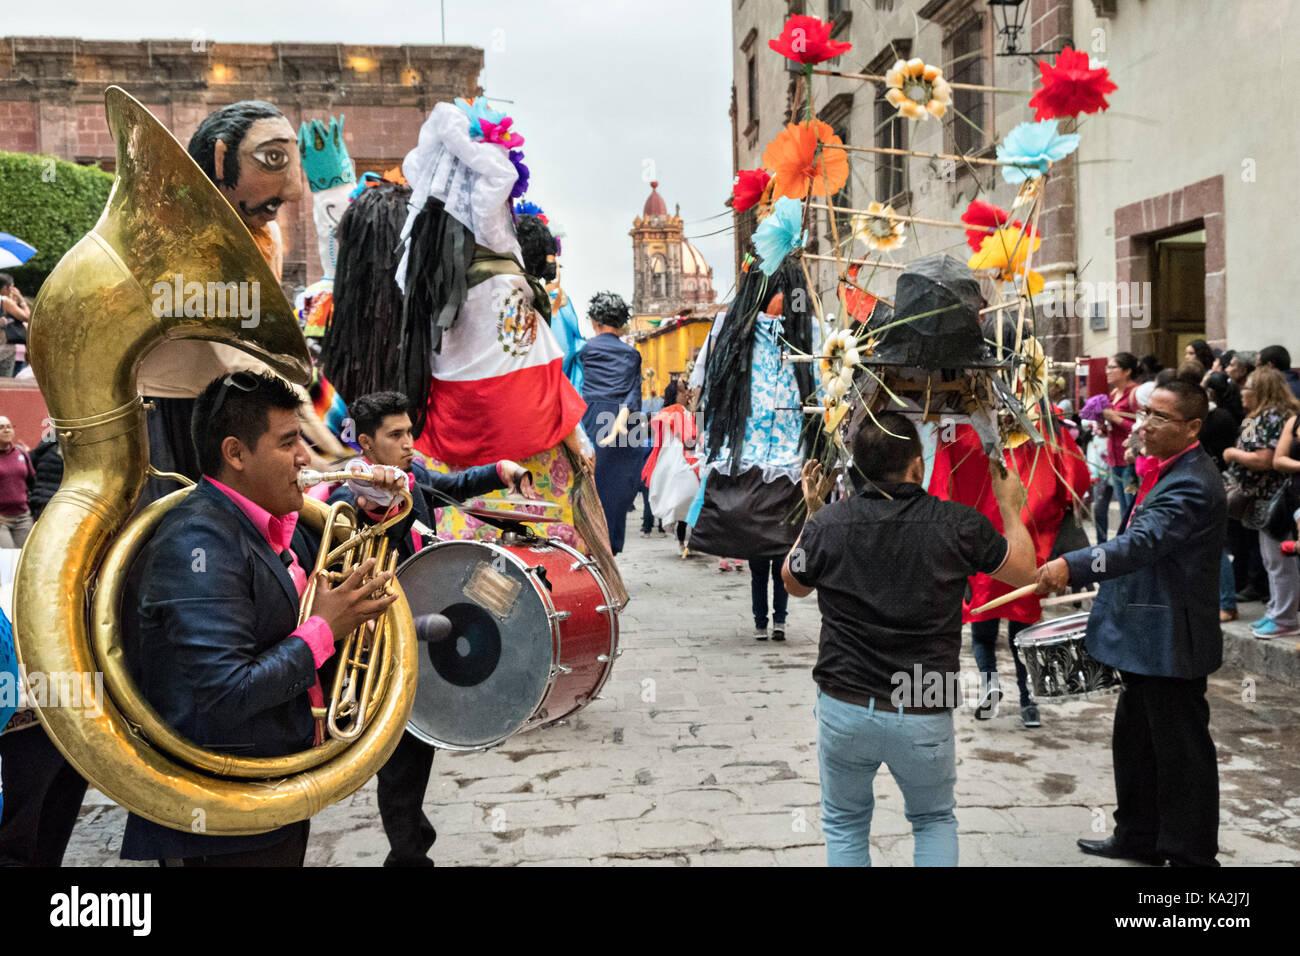 Eine marching band folgt eine Parade der Riesen papier - mache Marionetten namens mojigangas in einer Prozession Stockbild